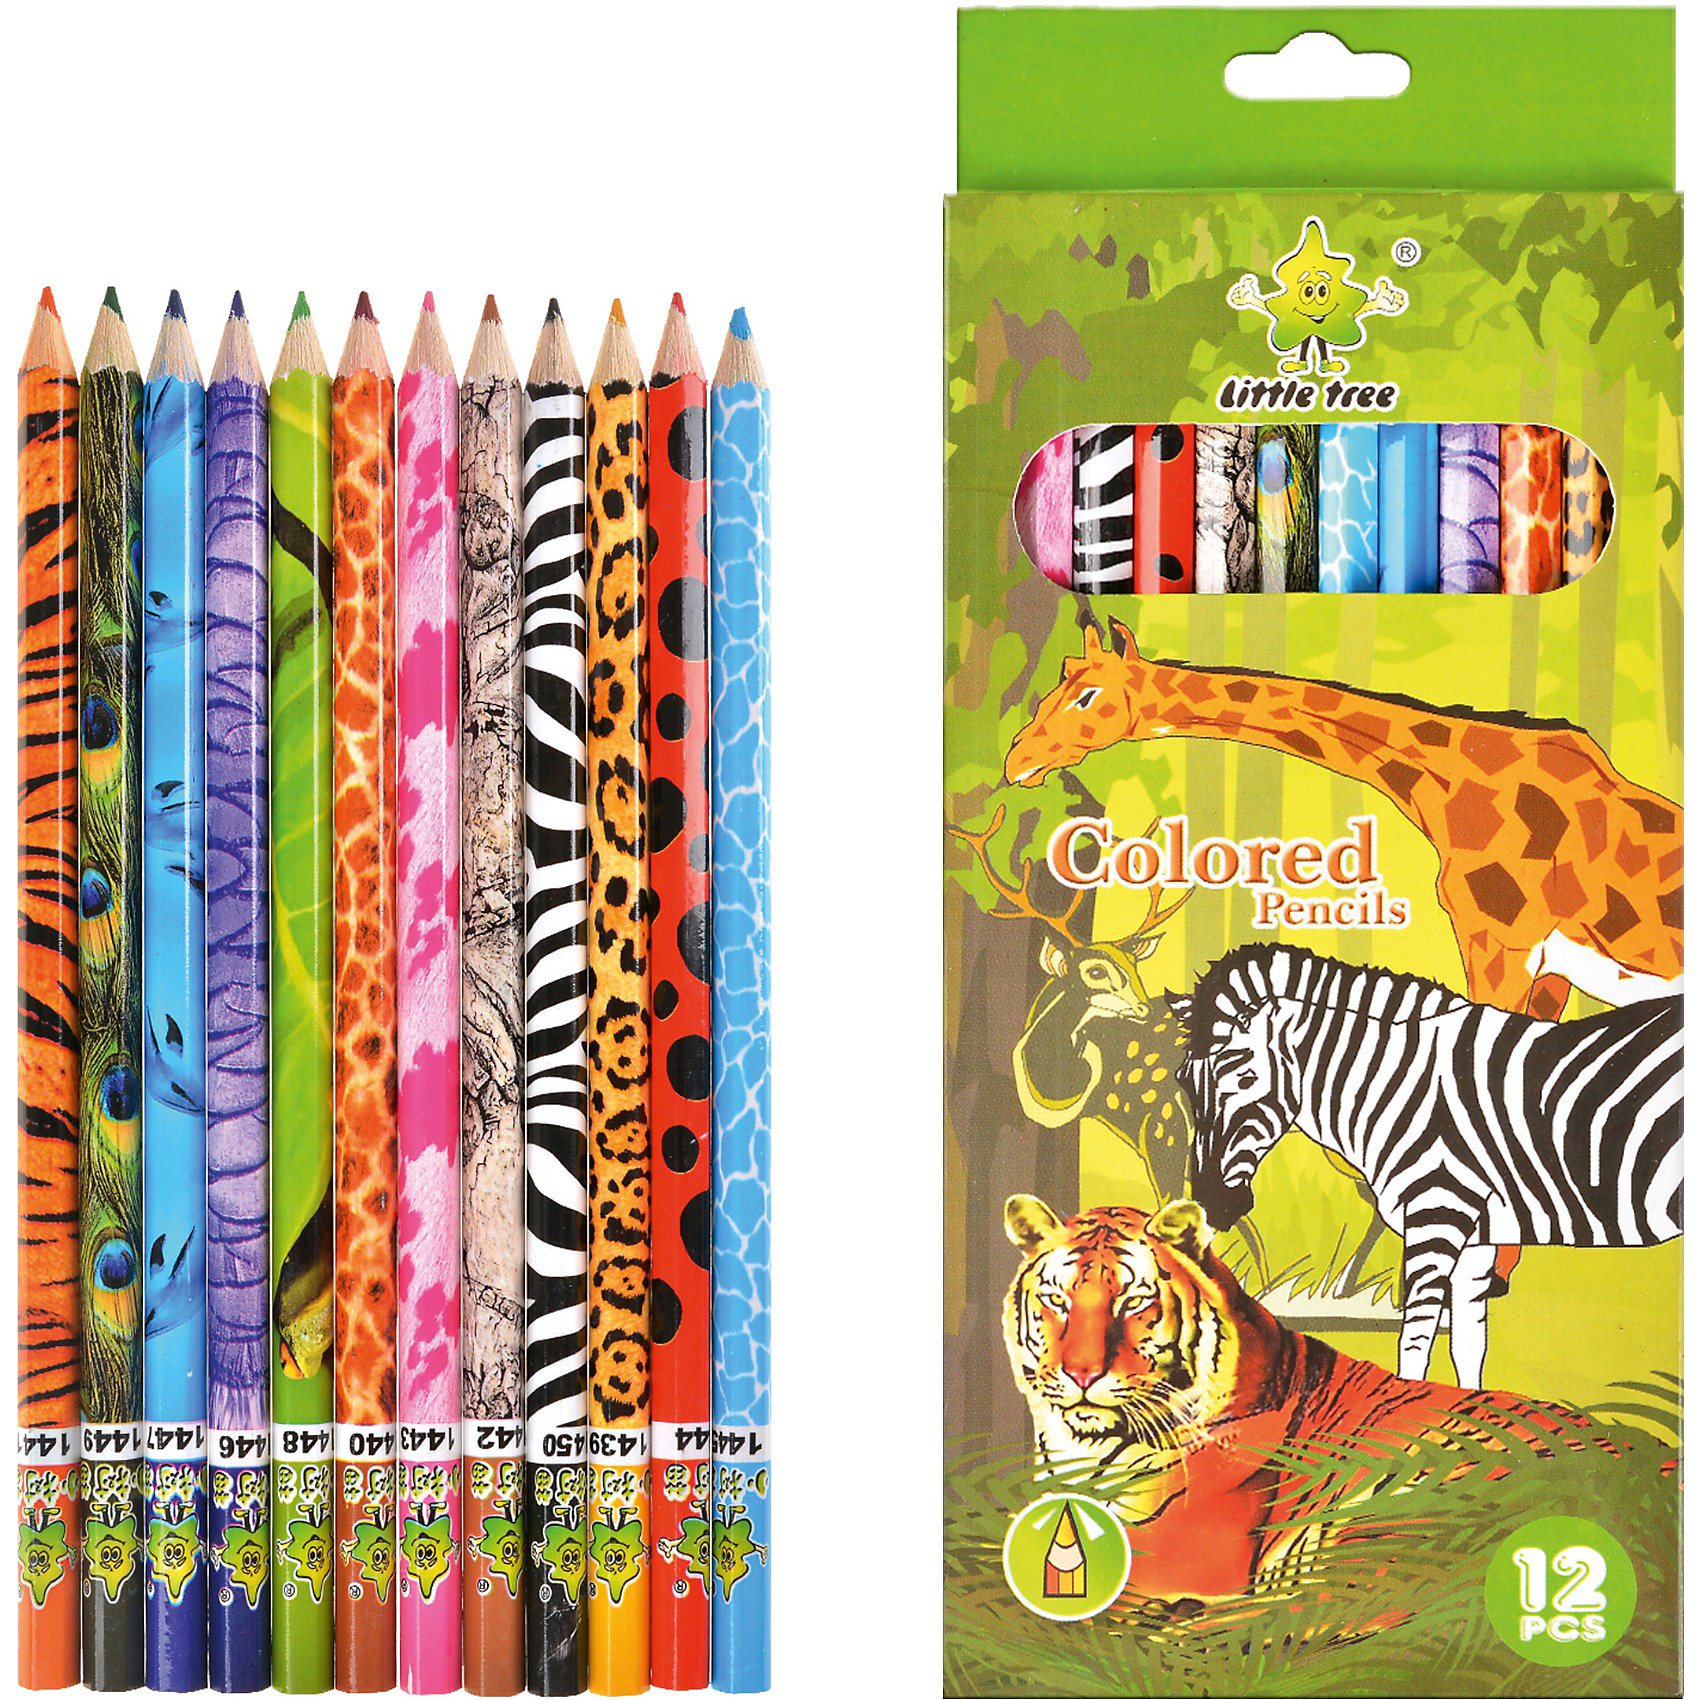 Цветные карандаши (12 цветов), Little TreeЦветные карандаши Little Tree - прекрасный вариант для детского творчества. Карандаши в деревянном корпусе легко затачиваются. Высококачественный прочный грифель не ломается при заточке.<br><br>Дополнительная информация:<br>- 12 цветов<br>- Материал корпуса: дерево<br>- Размер упаковки: 8.8 х 18 х 0.6 см<br><br>Цветные карандаши (12 цветов), Little Tree можно купить в нашем магазине.<br><br>Ширина мм: 180<br>Глубина мм: 88<br>Высота мм: 6<br>Вес г: 200<br>Возраст от месяцев: 36<br>Возраст до месяцев: 216<br>Пол: Унисекс<br>Возраст: Детский<br>SKU: 3807529